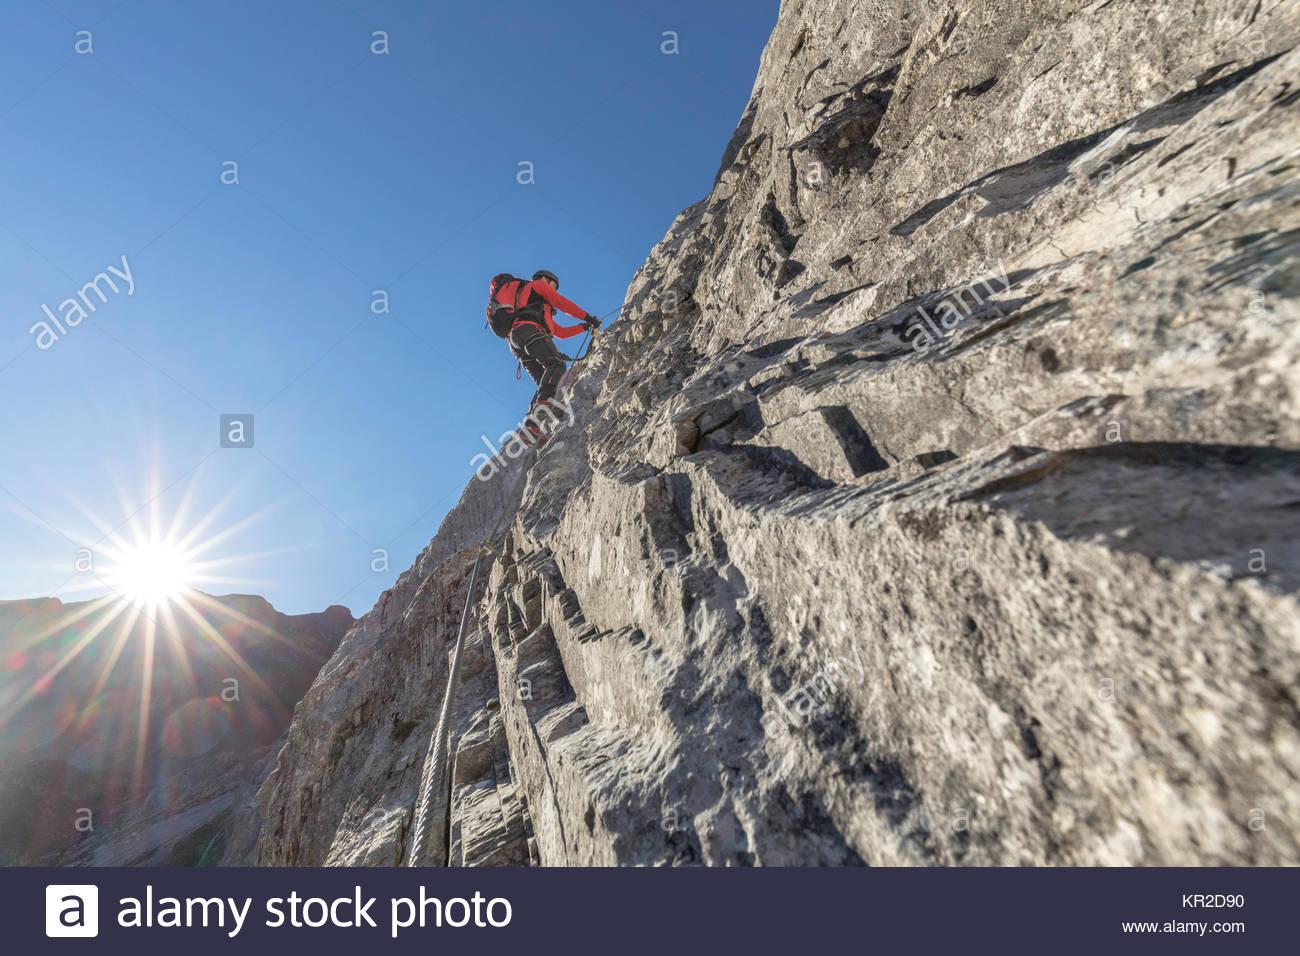 Klettersteig österreich : Hundskopf klettersteig zahmergebirge tirol Österreich